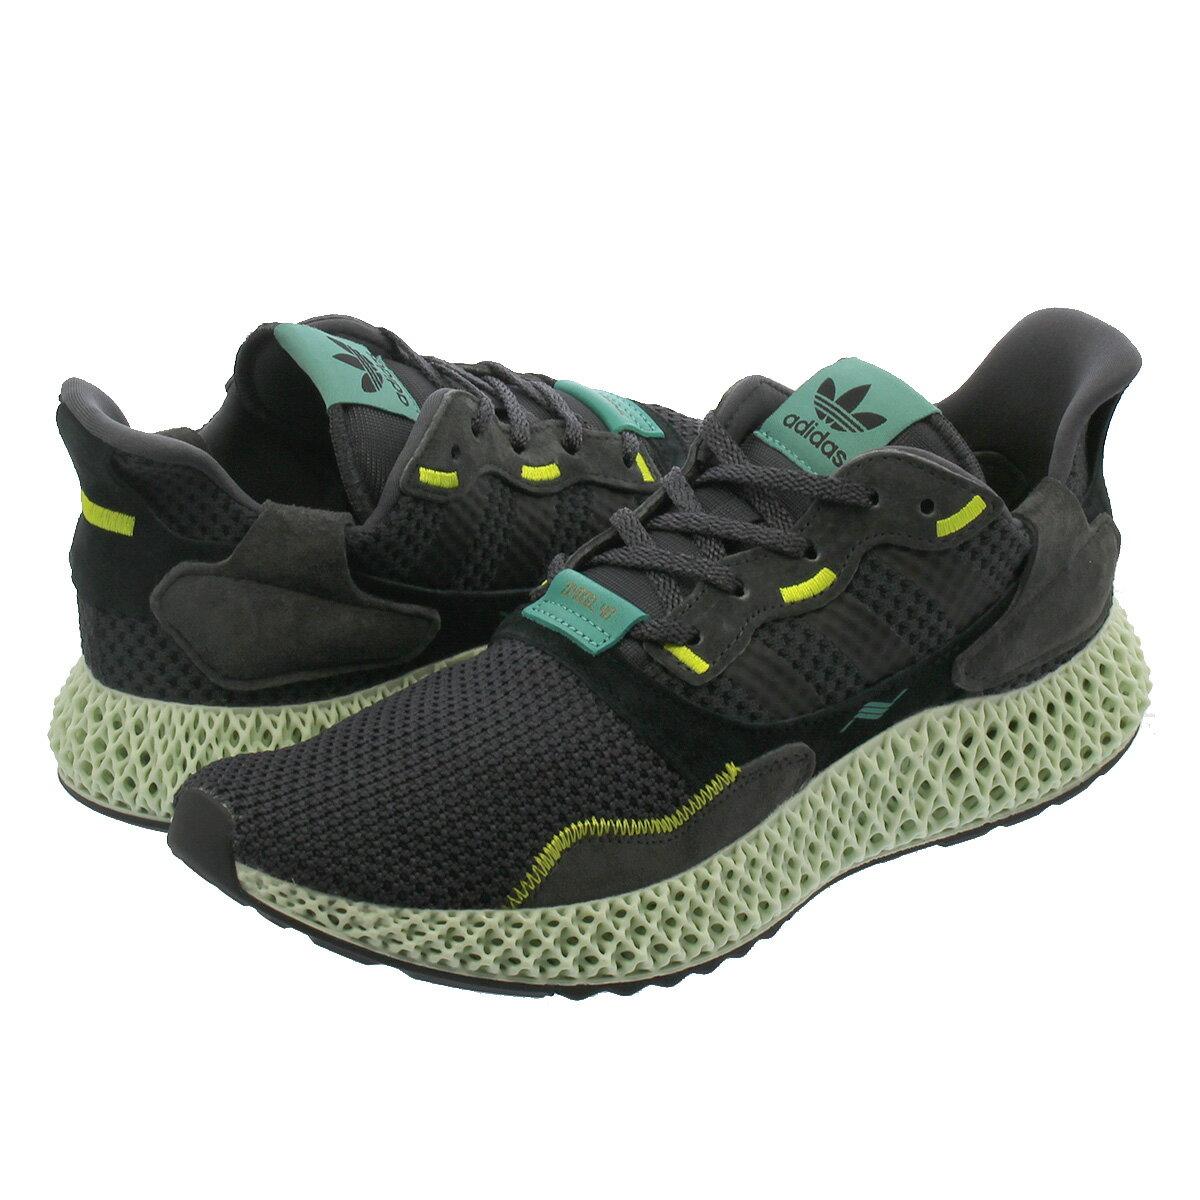 メンズ靴, スニーカー  adidas ZX 4000 4D ZX 4000 4D CARBONCARBONSEMI SOLAR YELLOW